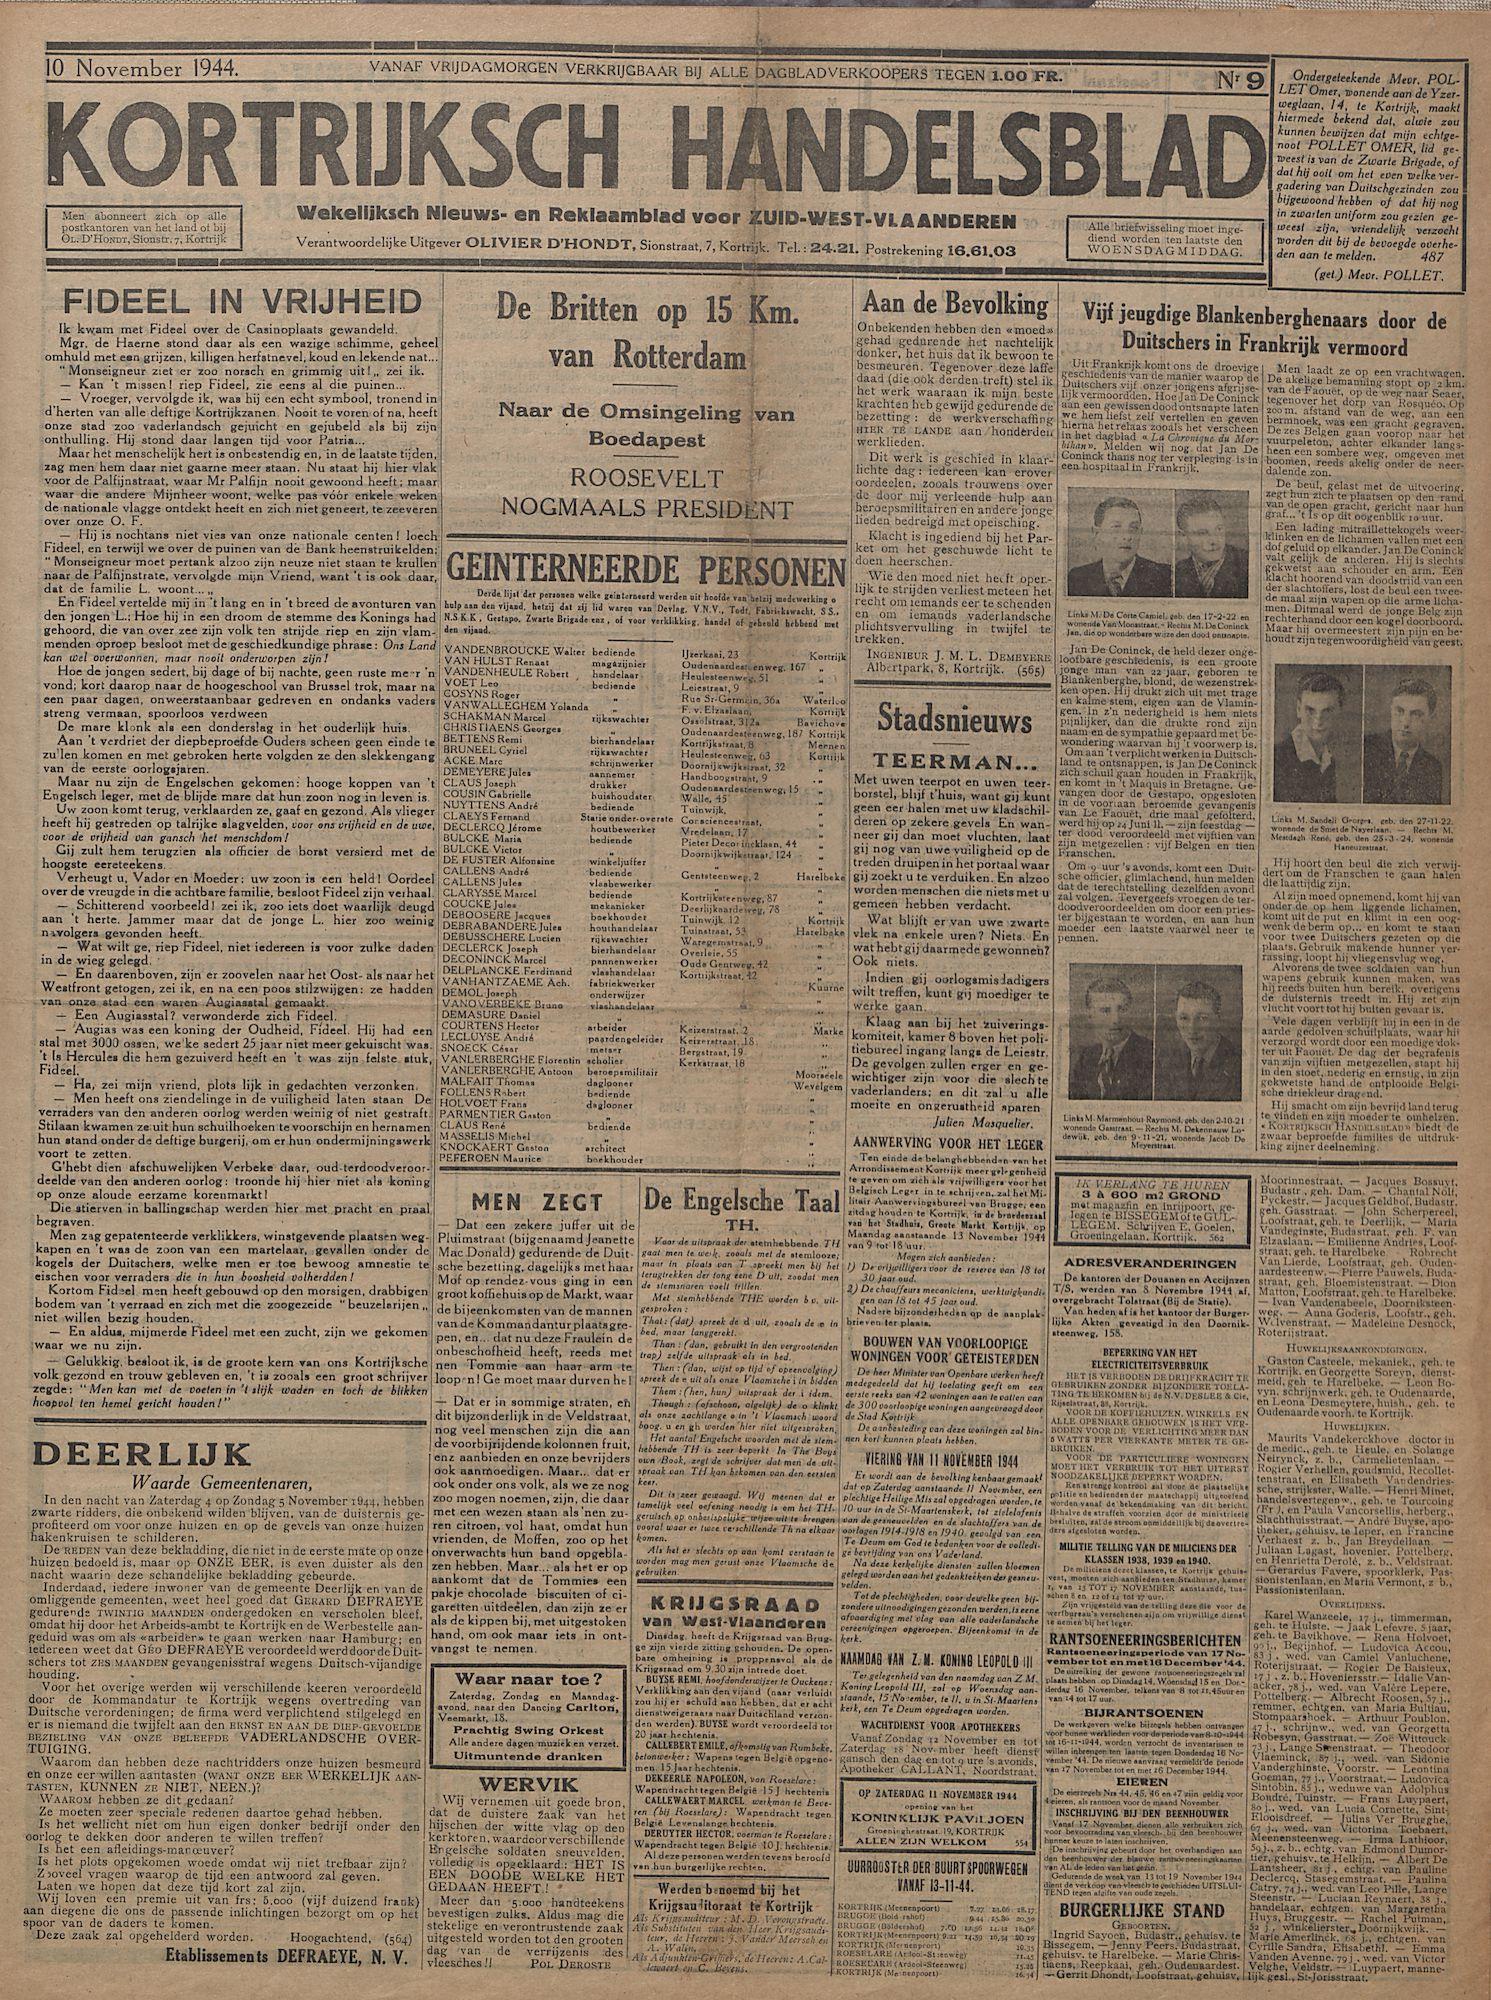 Kortrijksch Handelsblad 10 november 1944 Nr9 p1